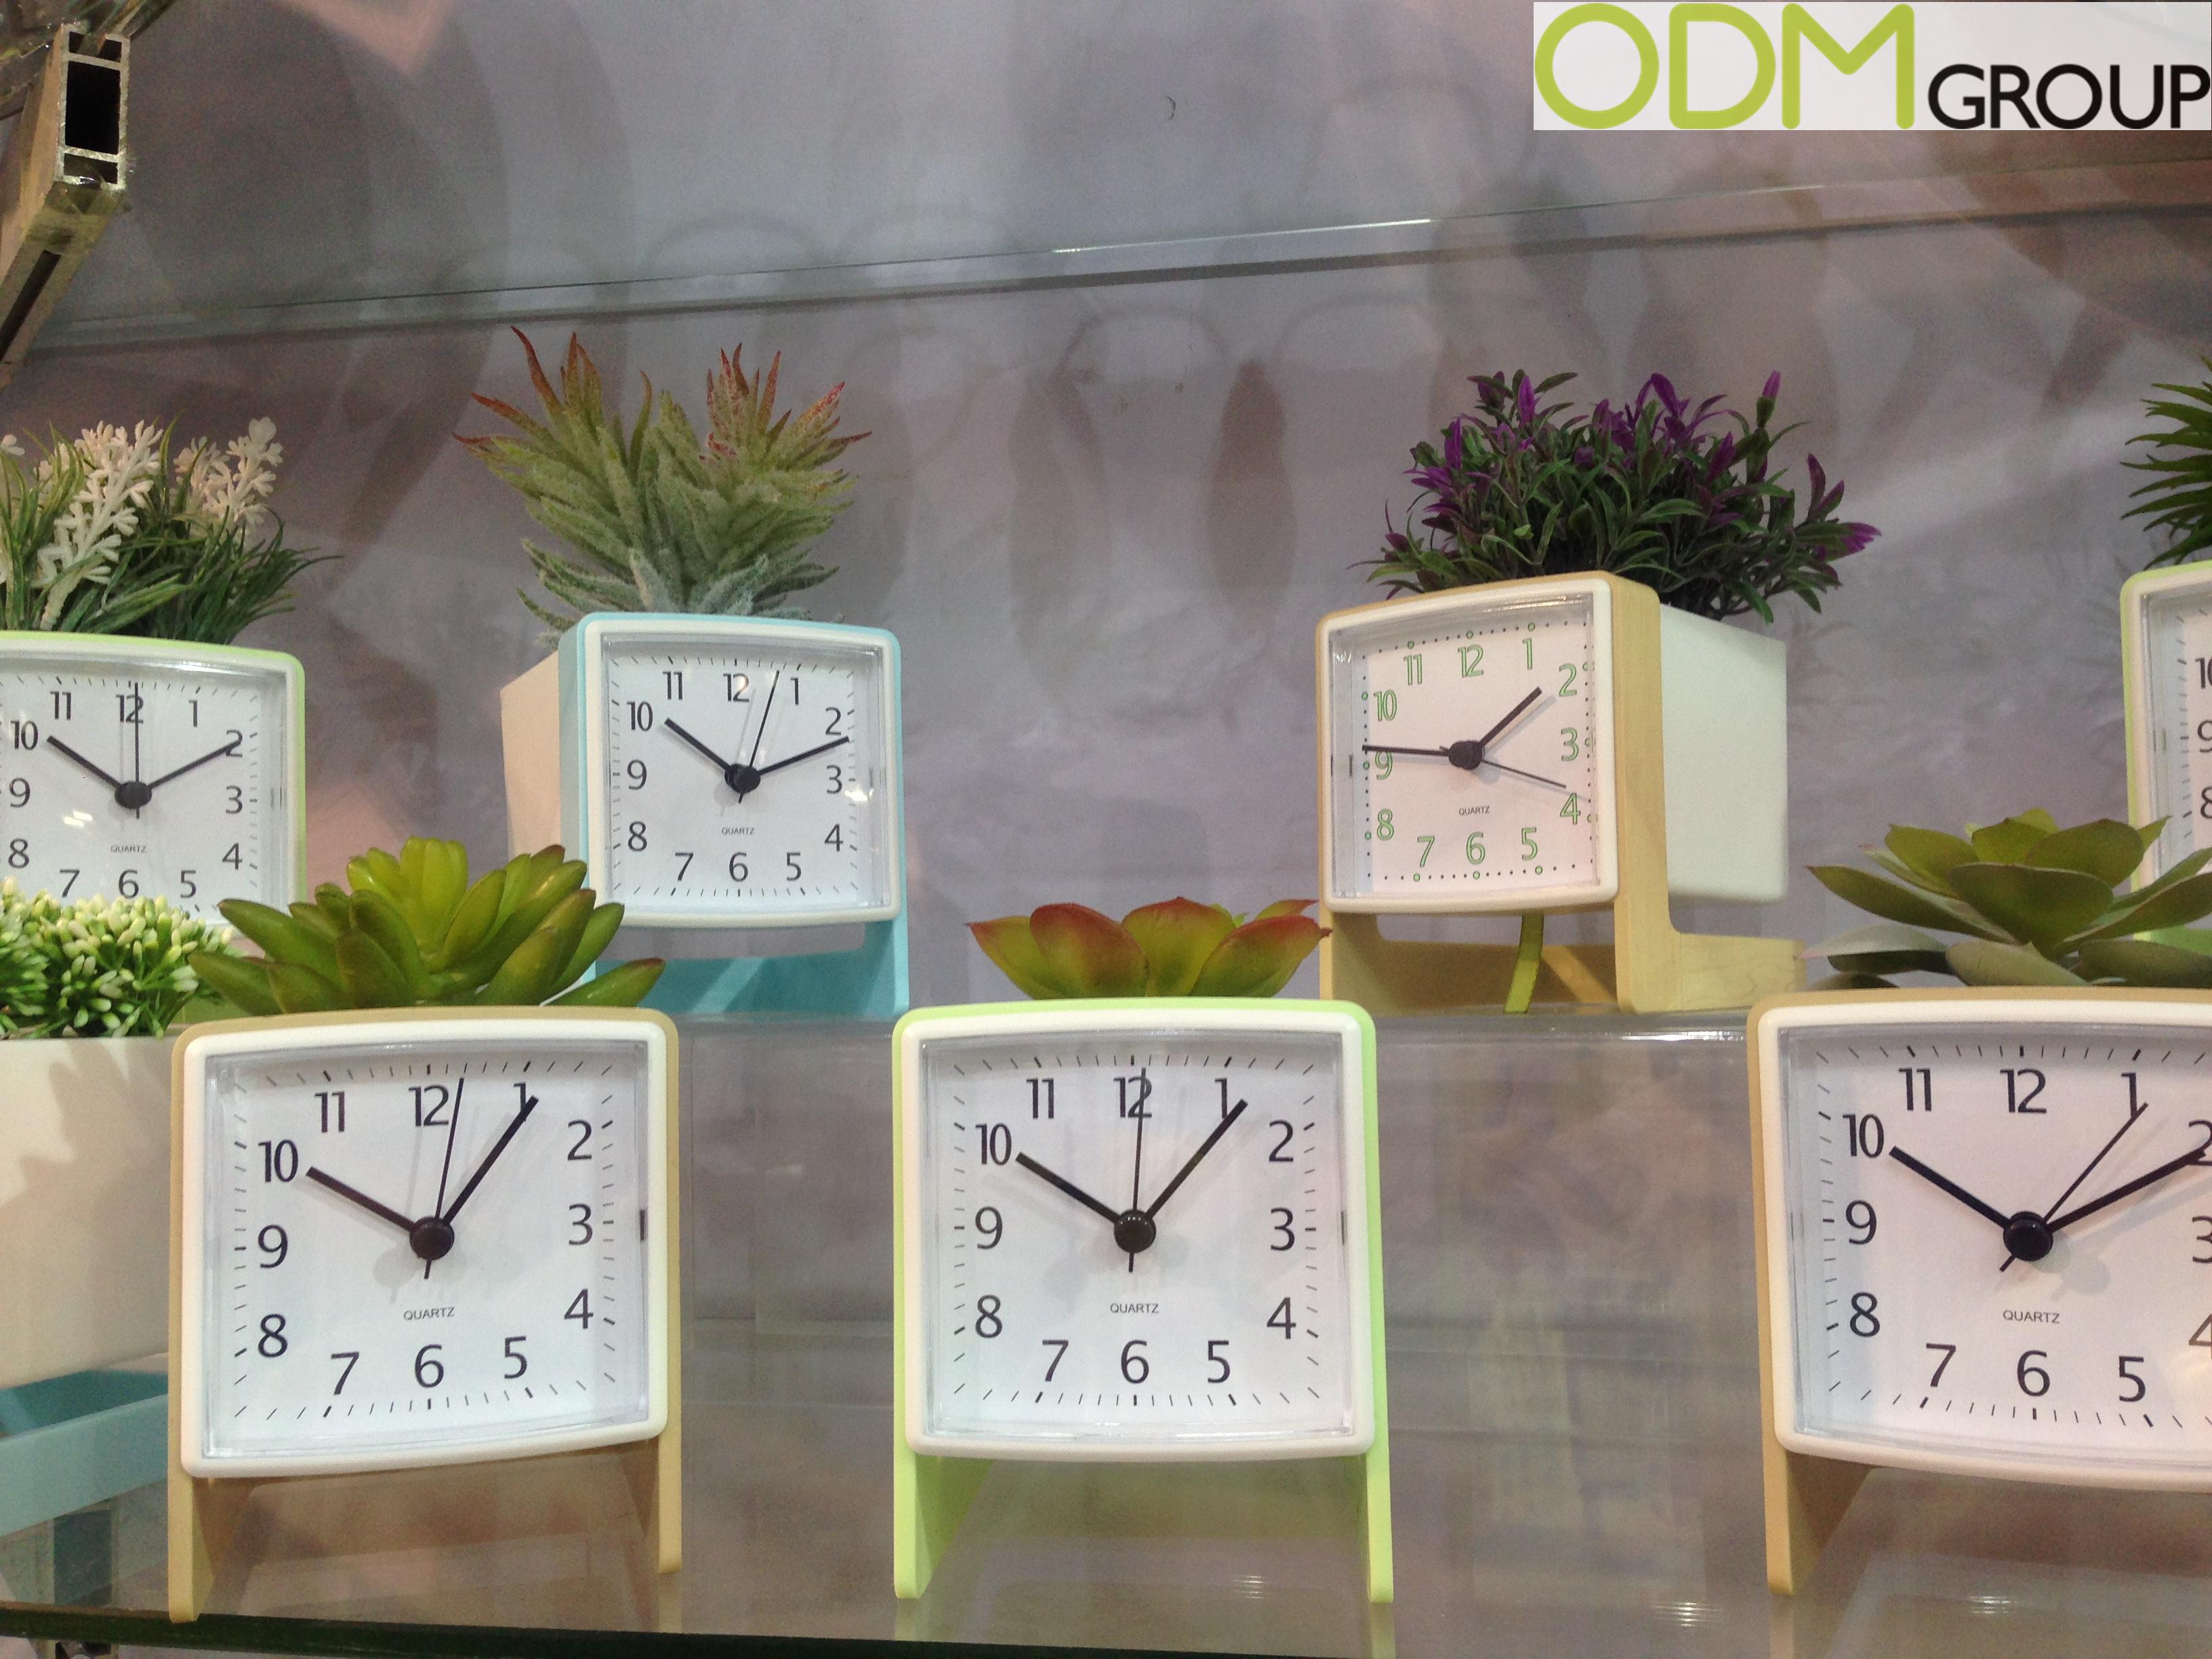 Office Promo Idea- Quirky Clocks